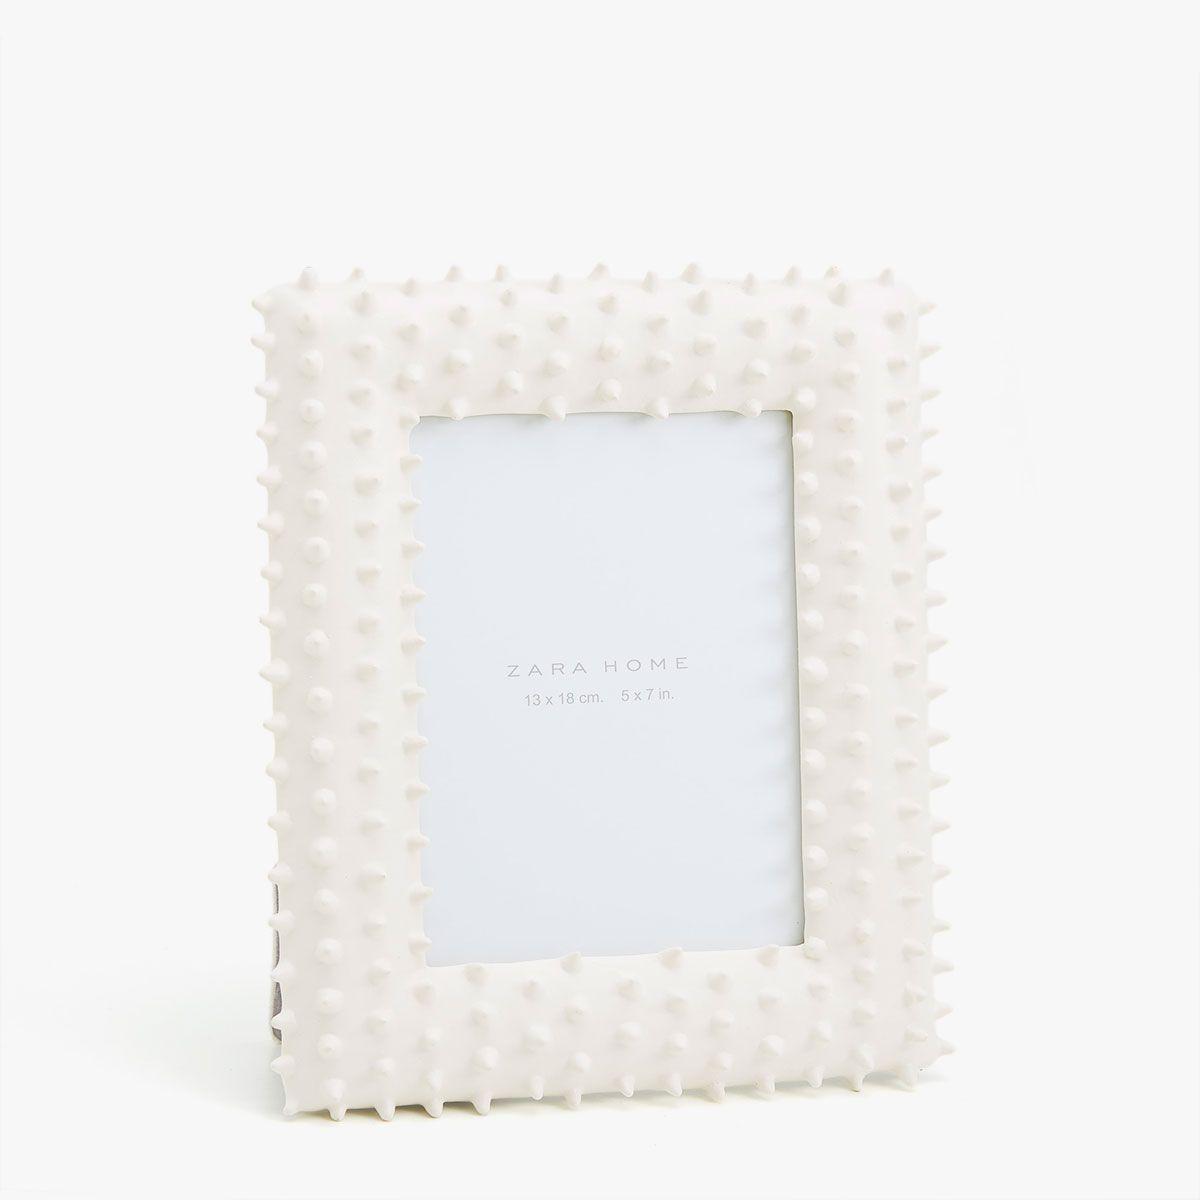 Marco acabado cactus blanco | Cactus, Productos y Blanco